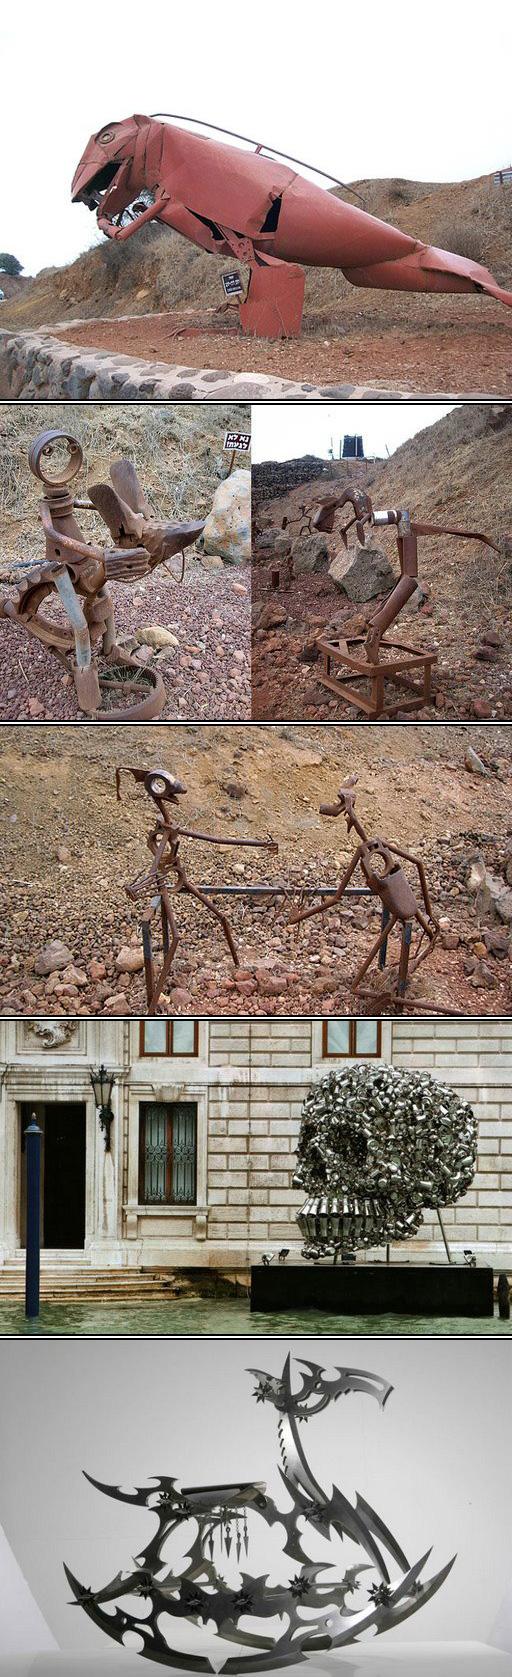 פסלים ממתכת